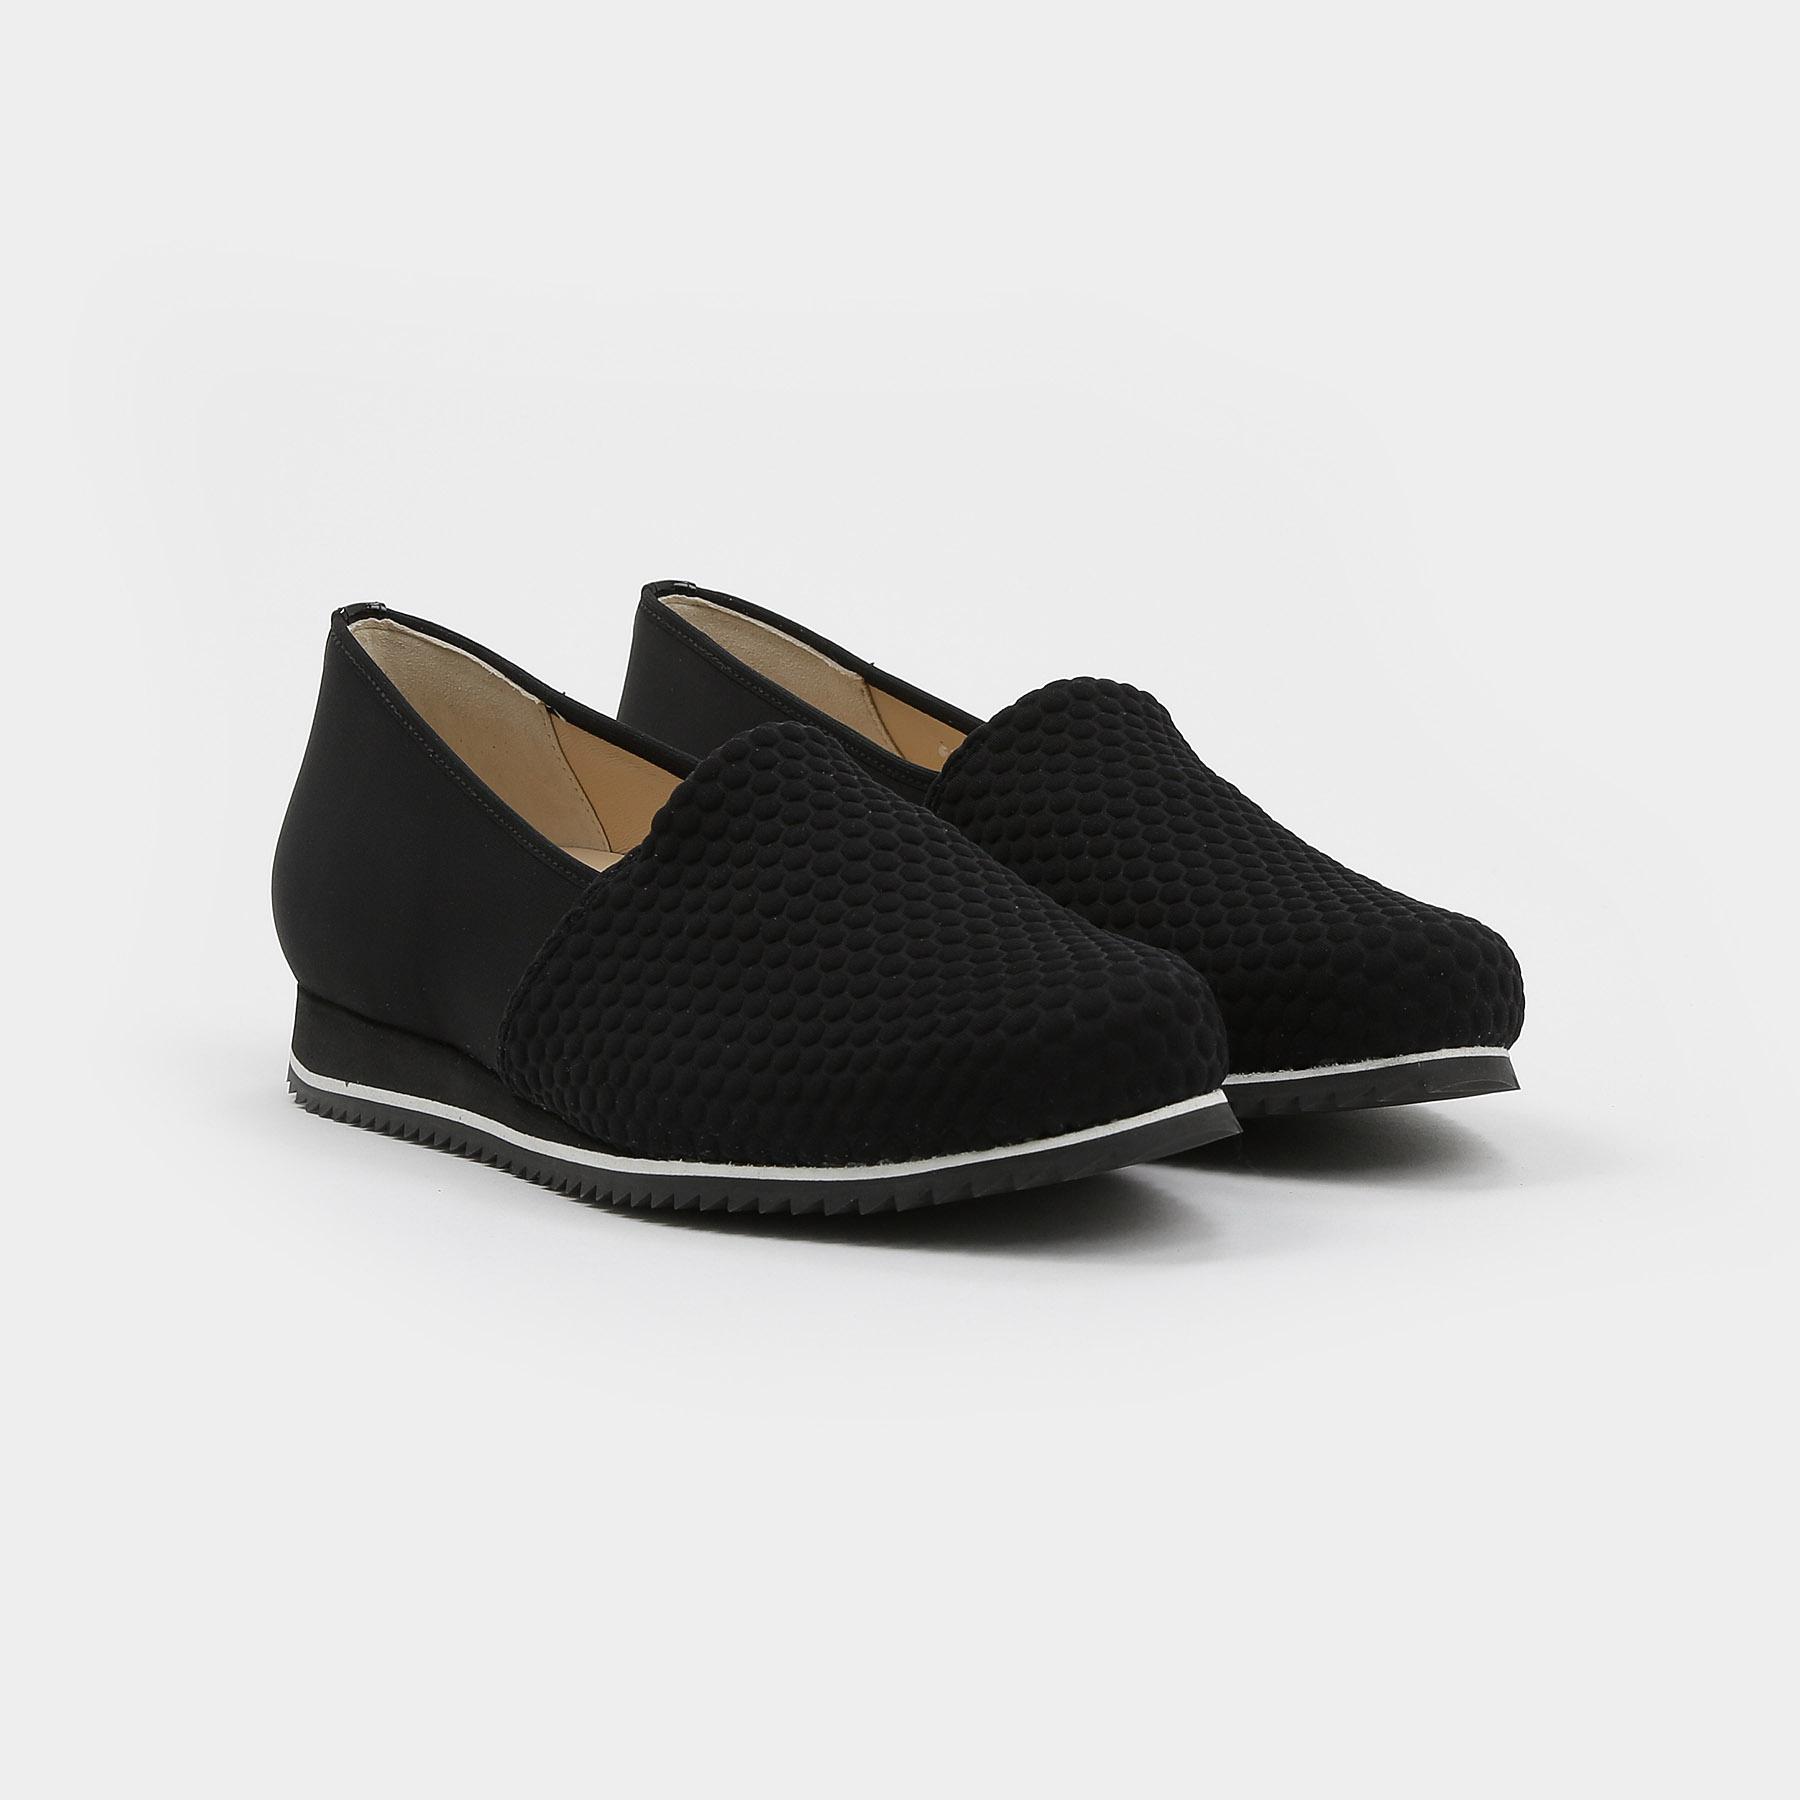 Loafer 301687 zwart Goedkope Geweldige Aanbiedingen Wiki Goedkope Prijs 9rJncD3Md